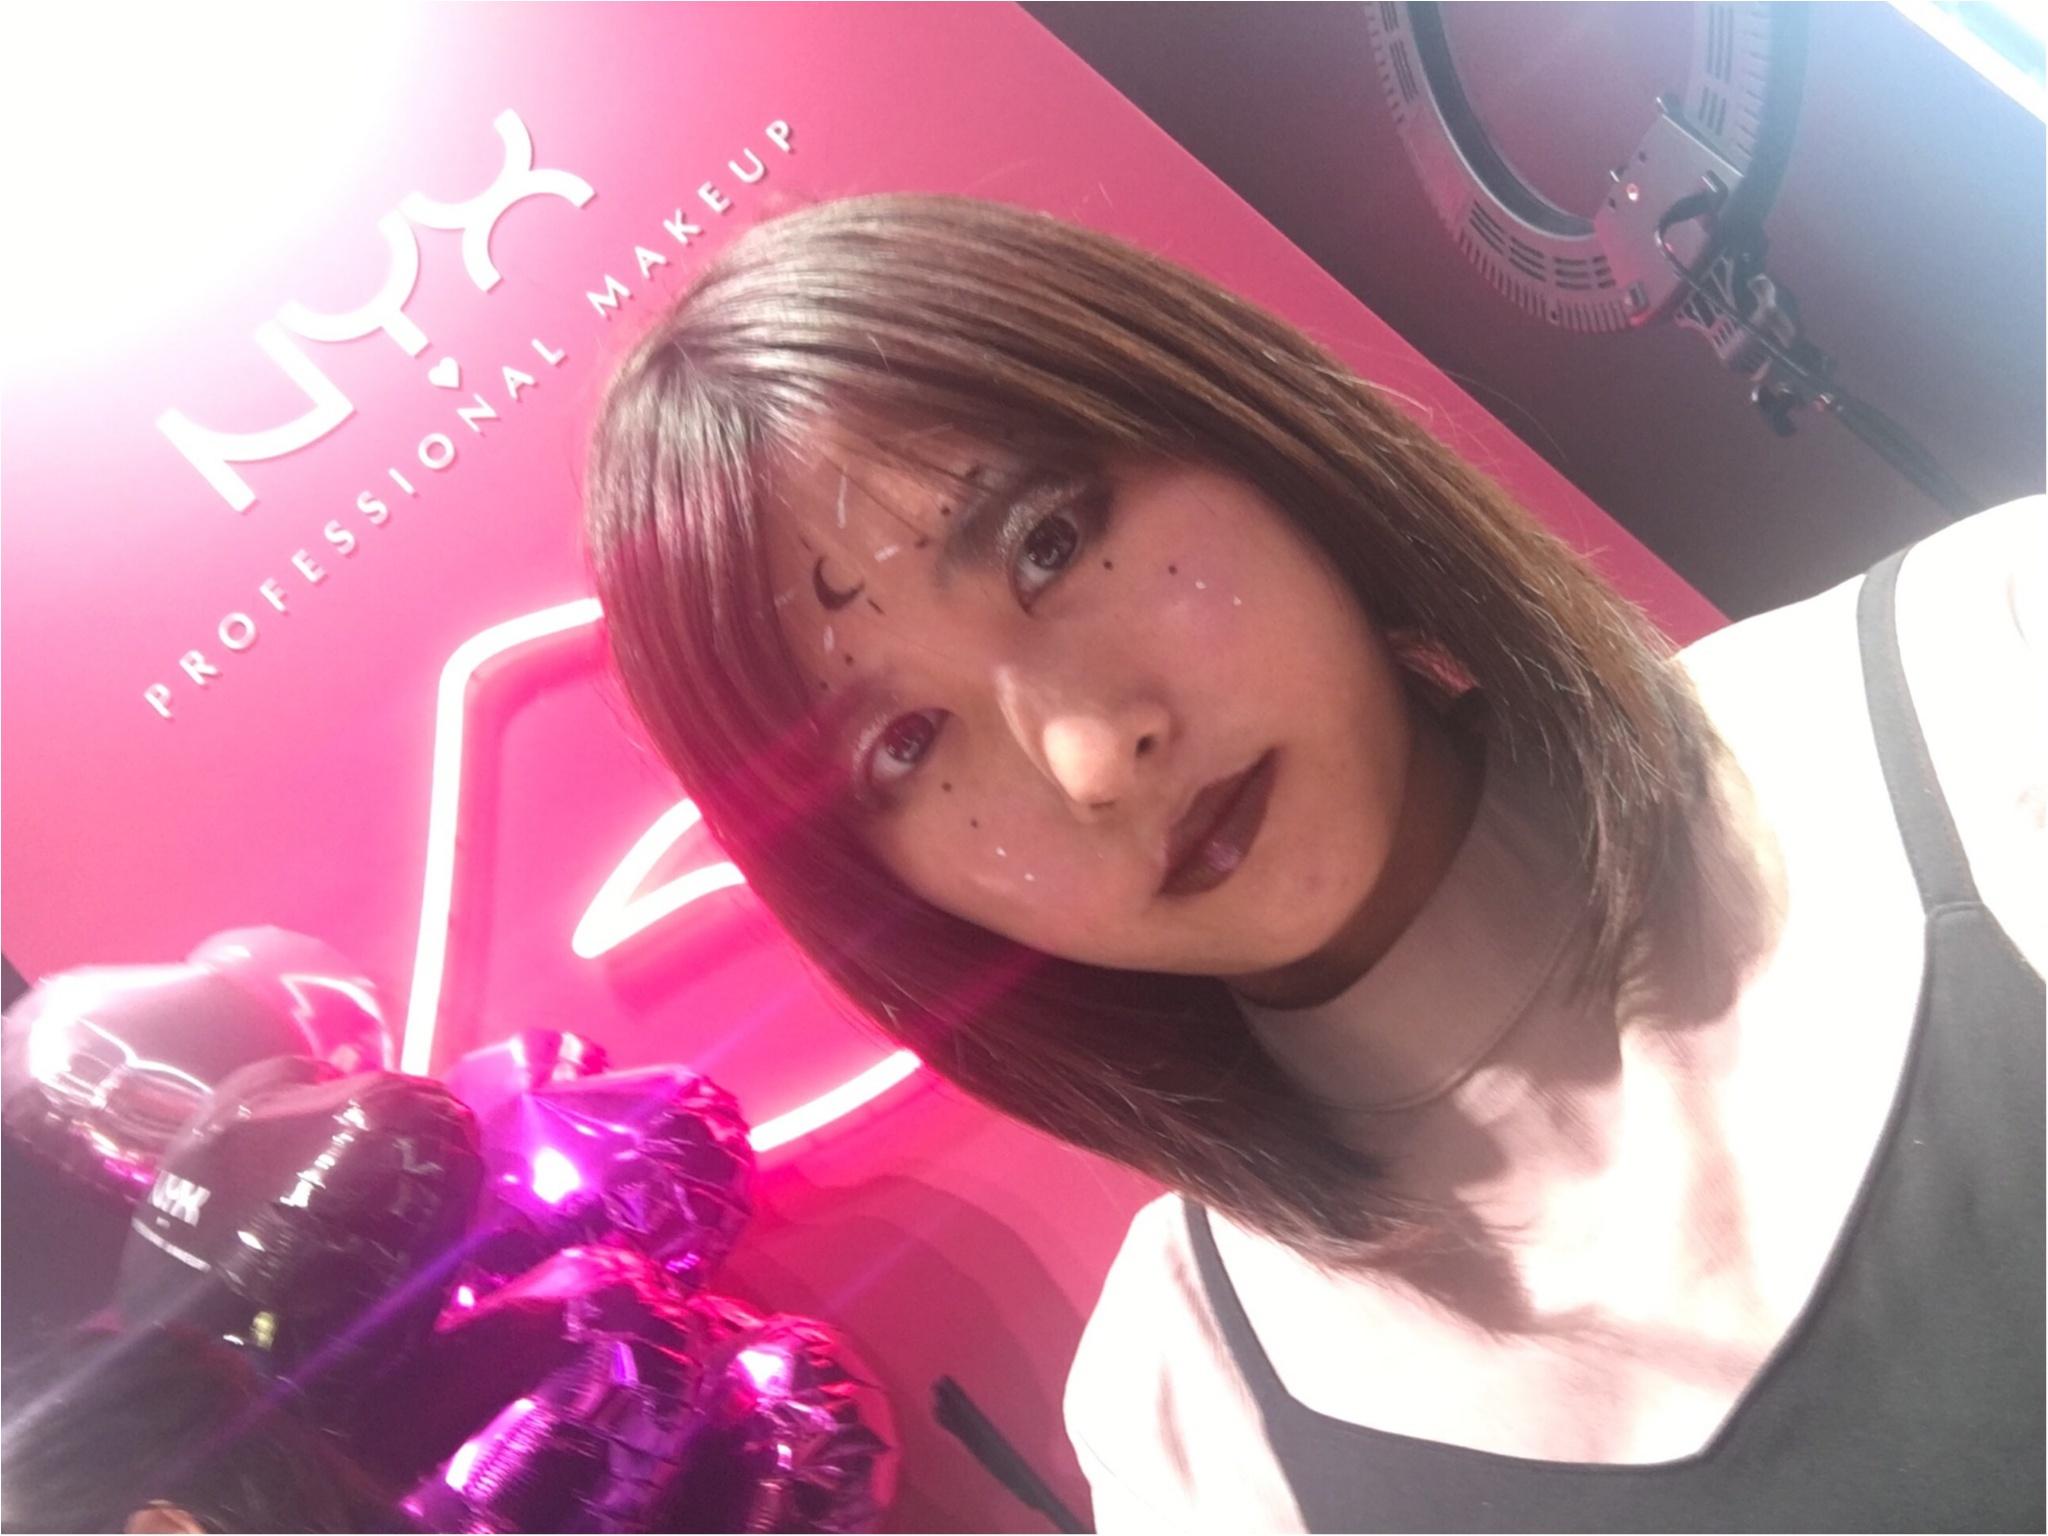 【NYX(ニックス)】LA発コスメブランドでハロウィンメイクを体験!!_8